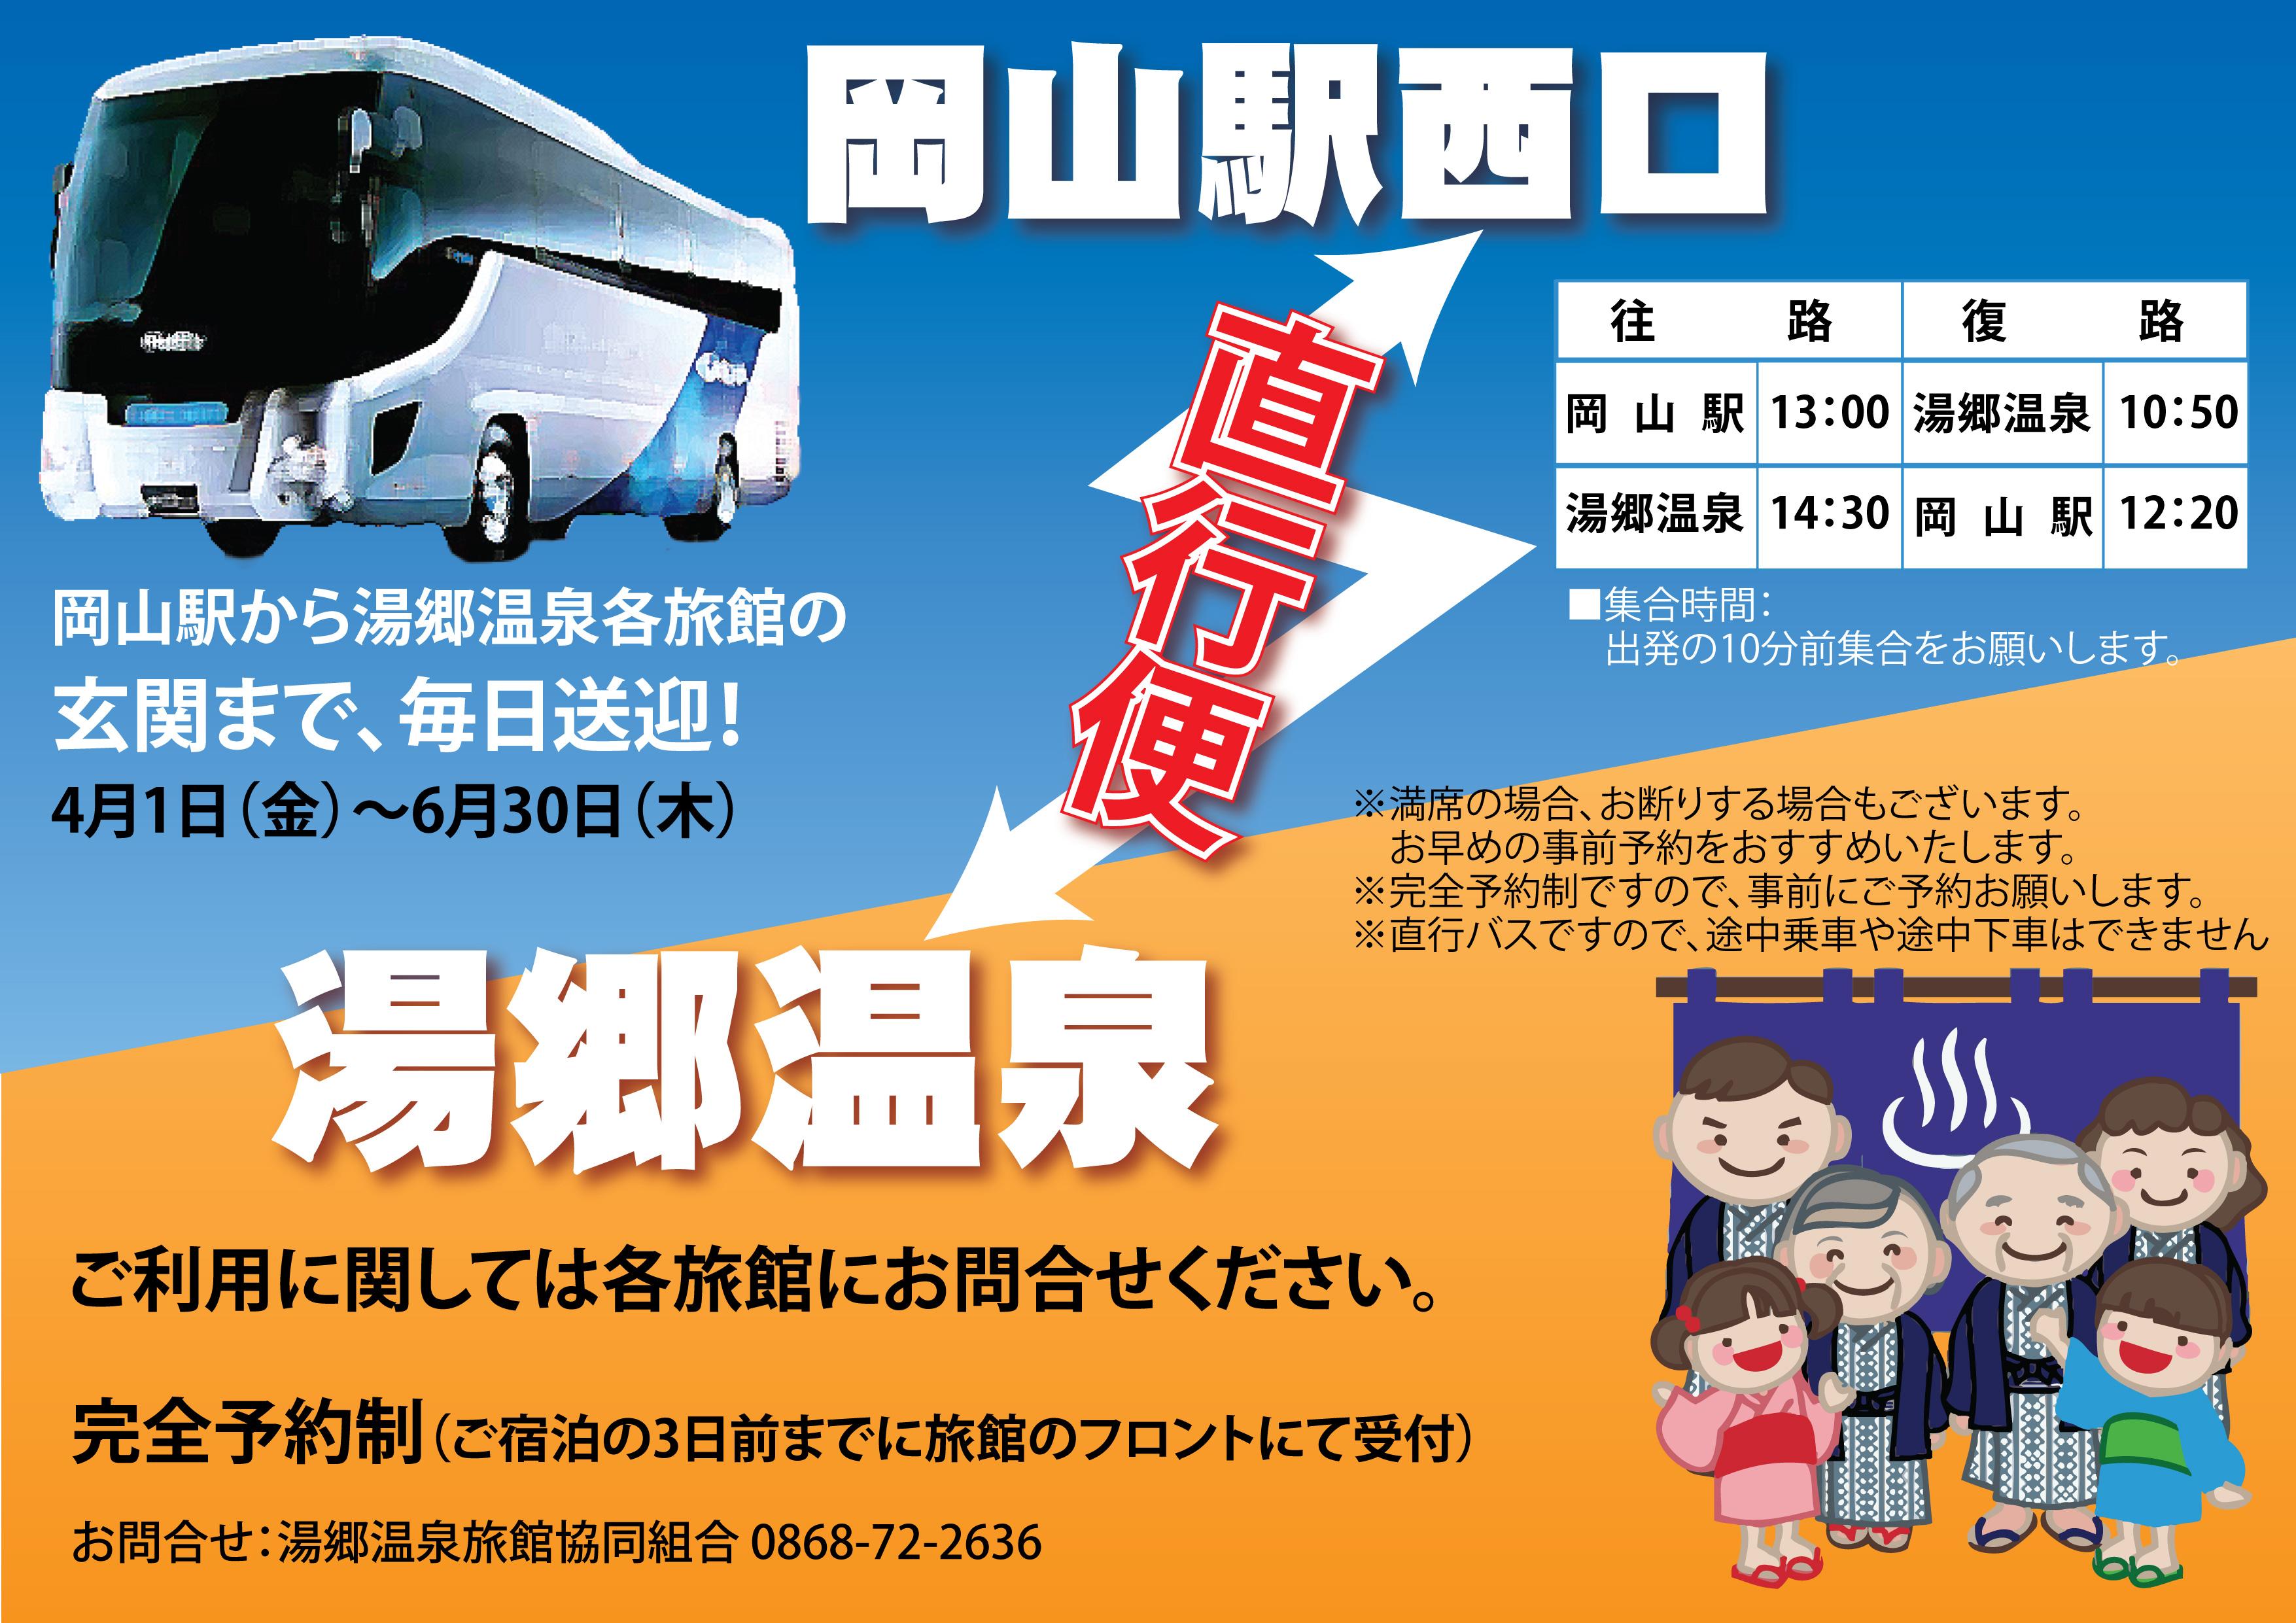 吉野自動車広告_01